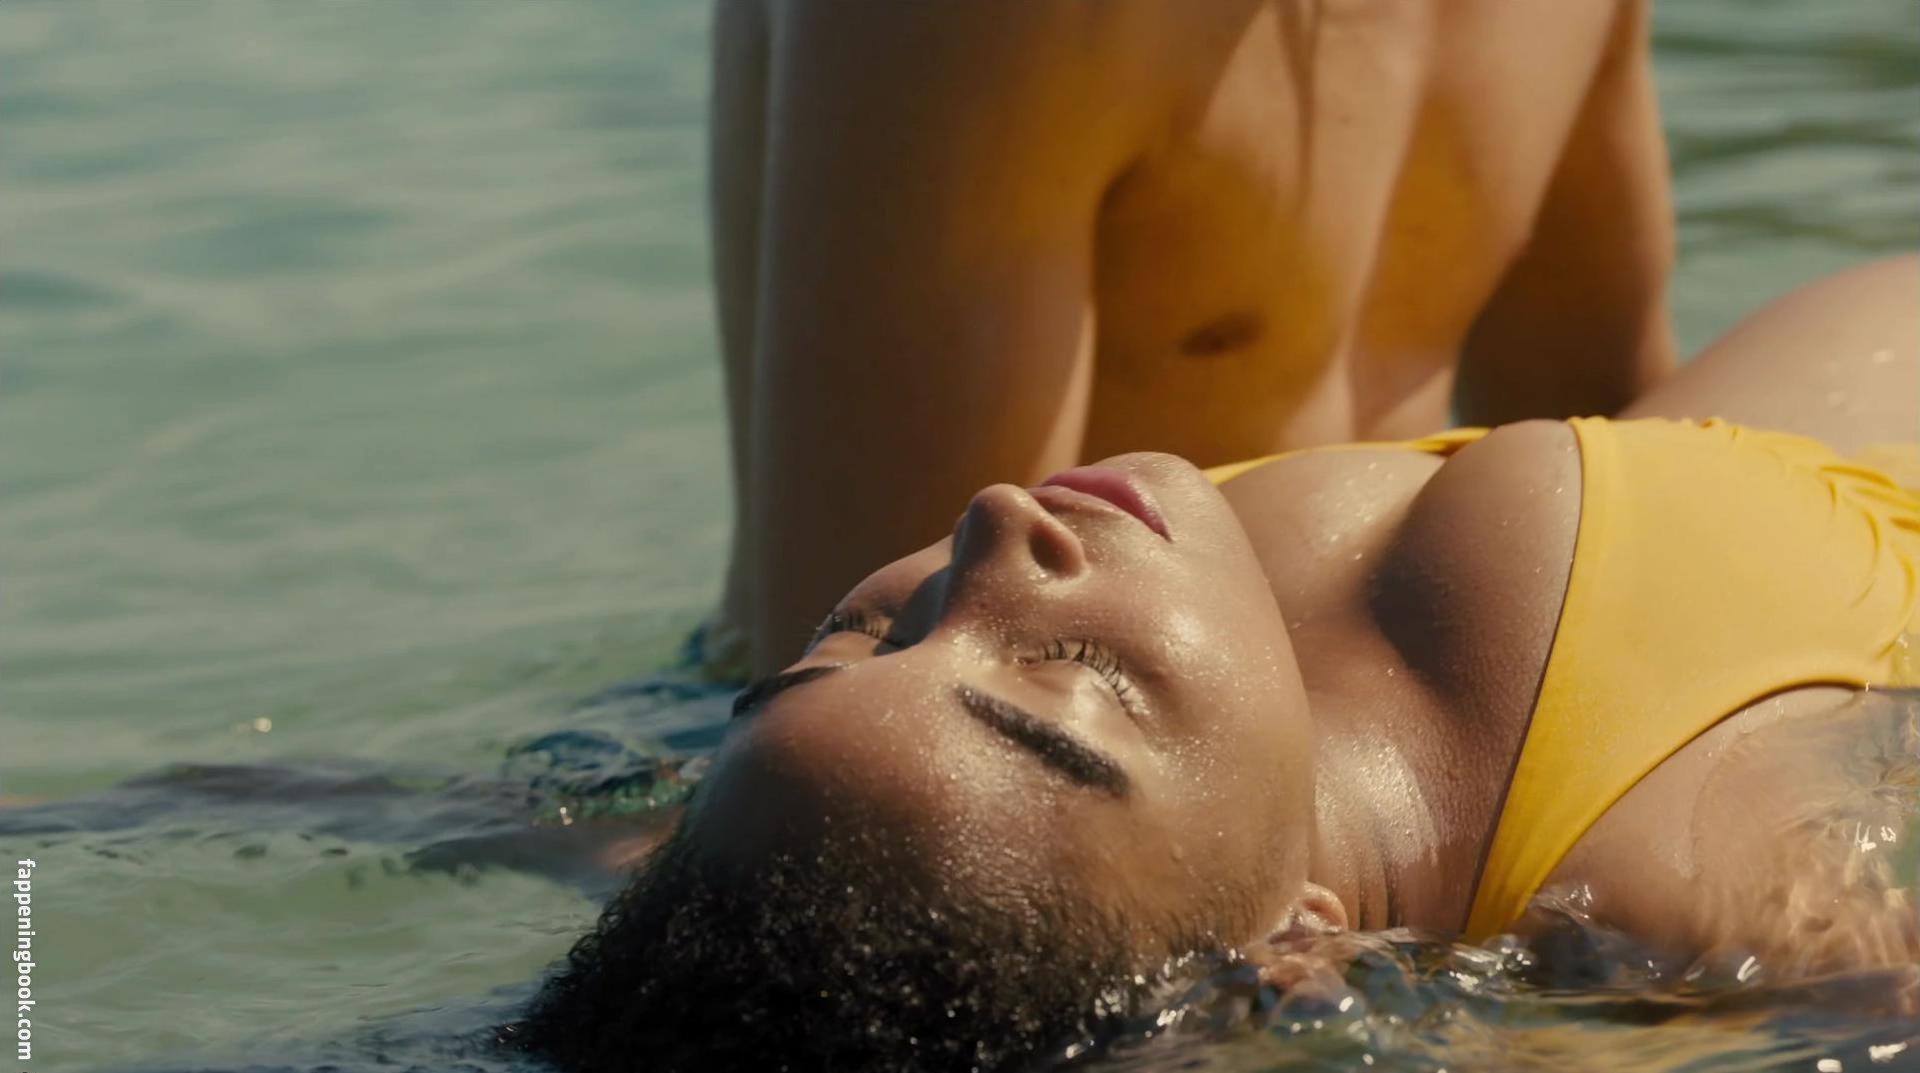 Amandla stenberg nude